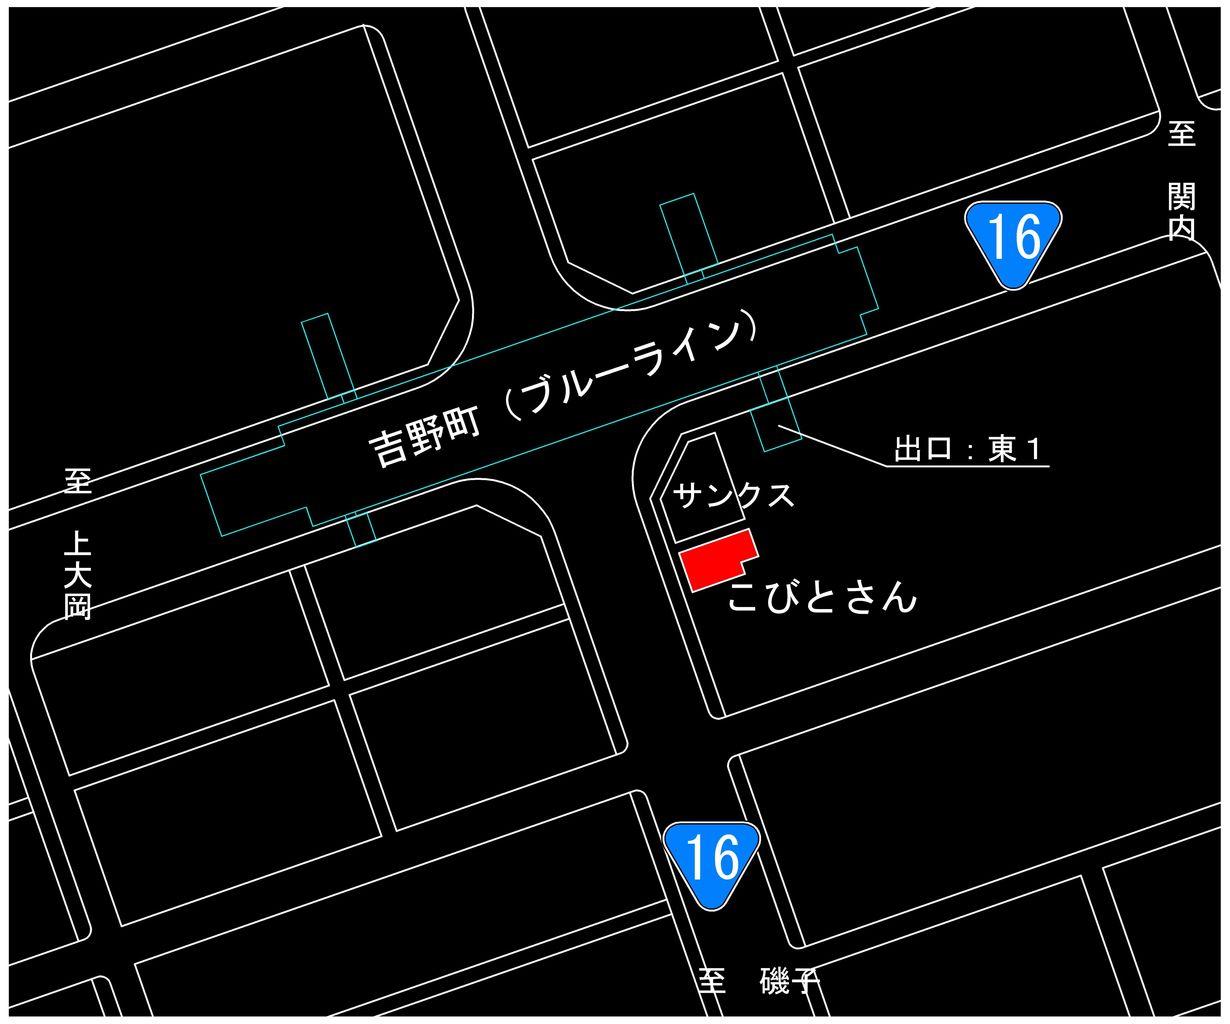 たこボーの日記 : 吉野町こびとさん map and notes